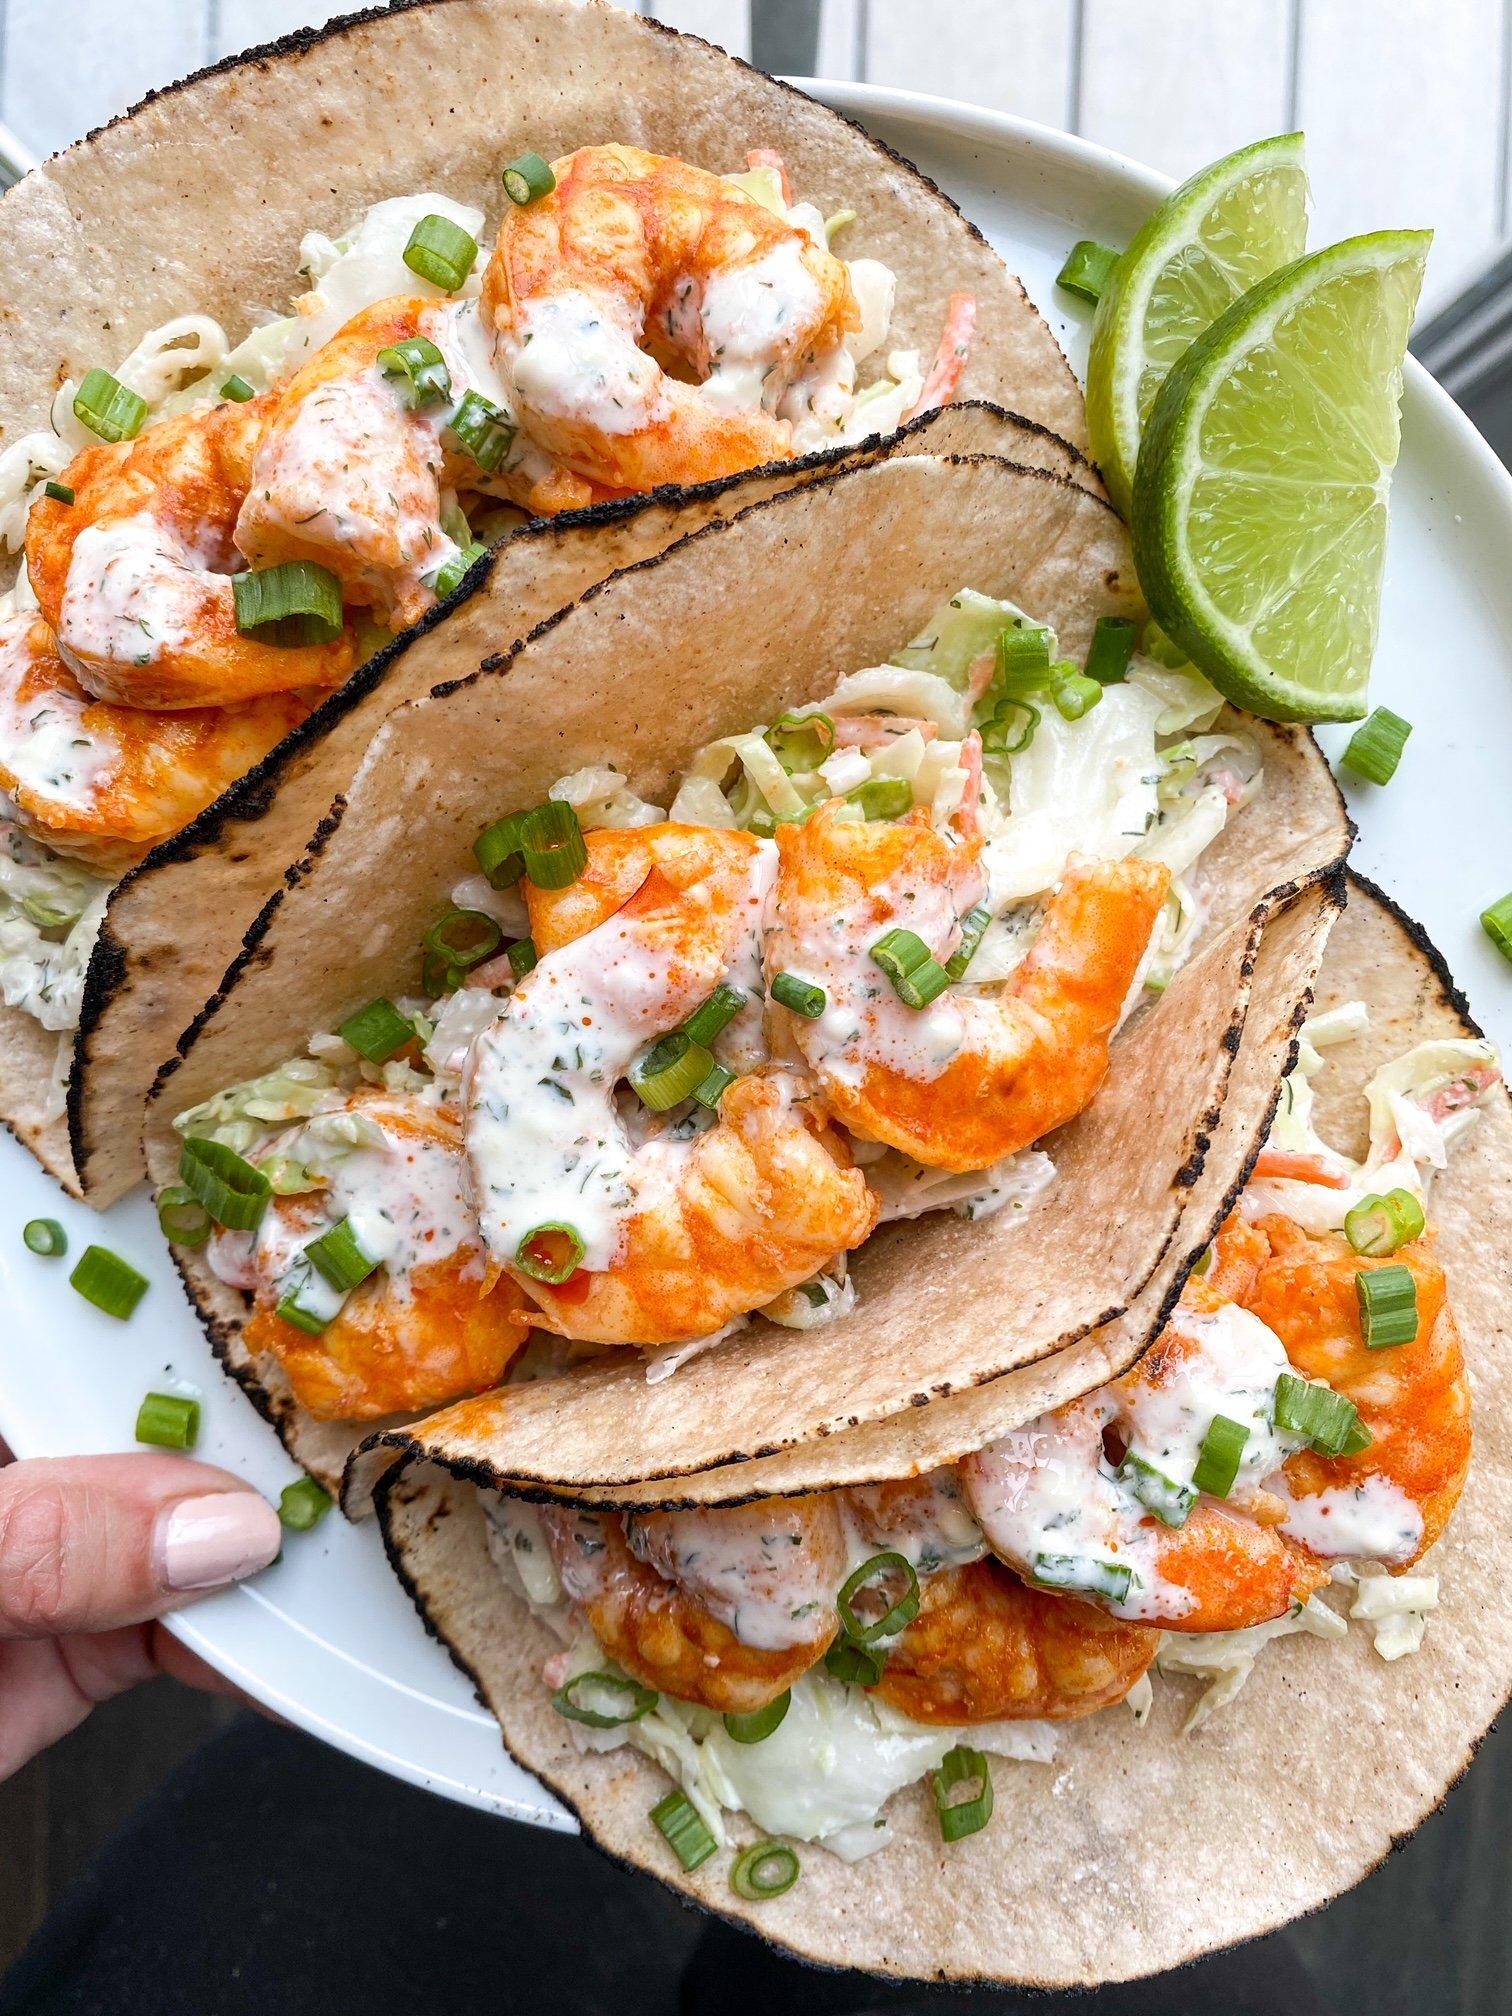 Paleo Buffalo Shrimp Tacos